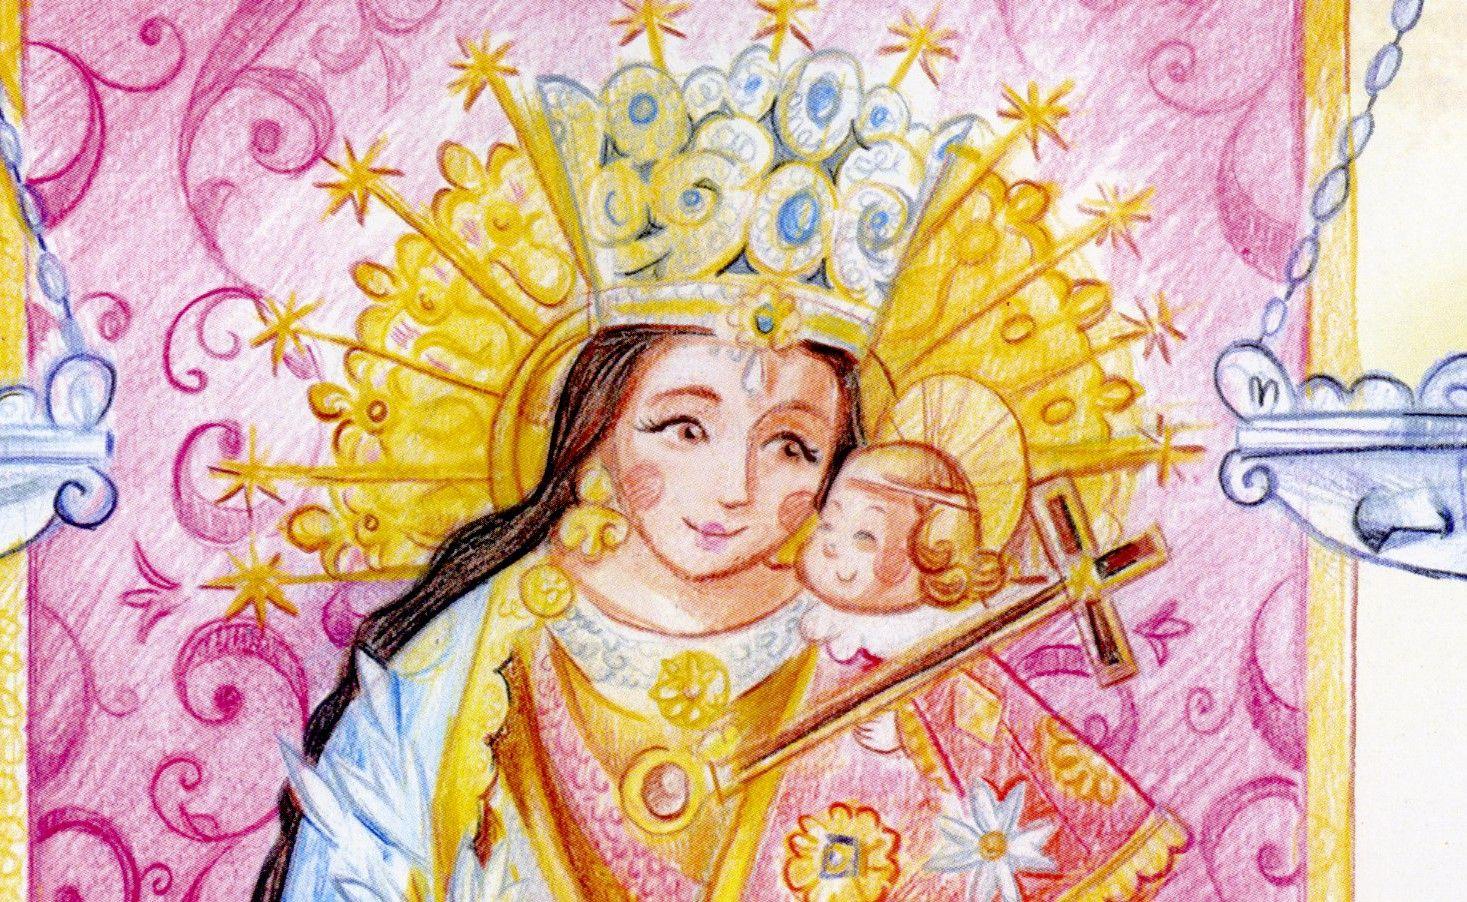 La Virgen de los Desamparados, versión Ceballos y Sanabria